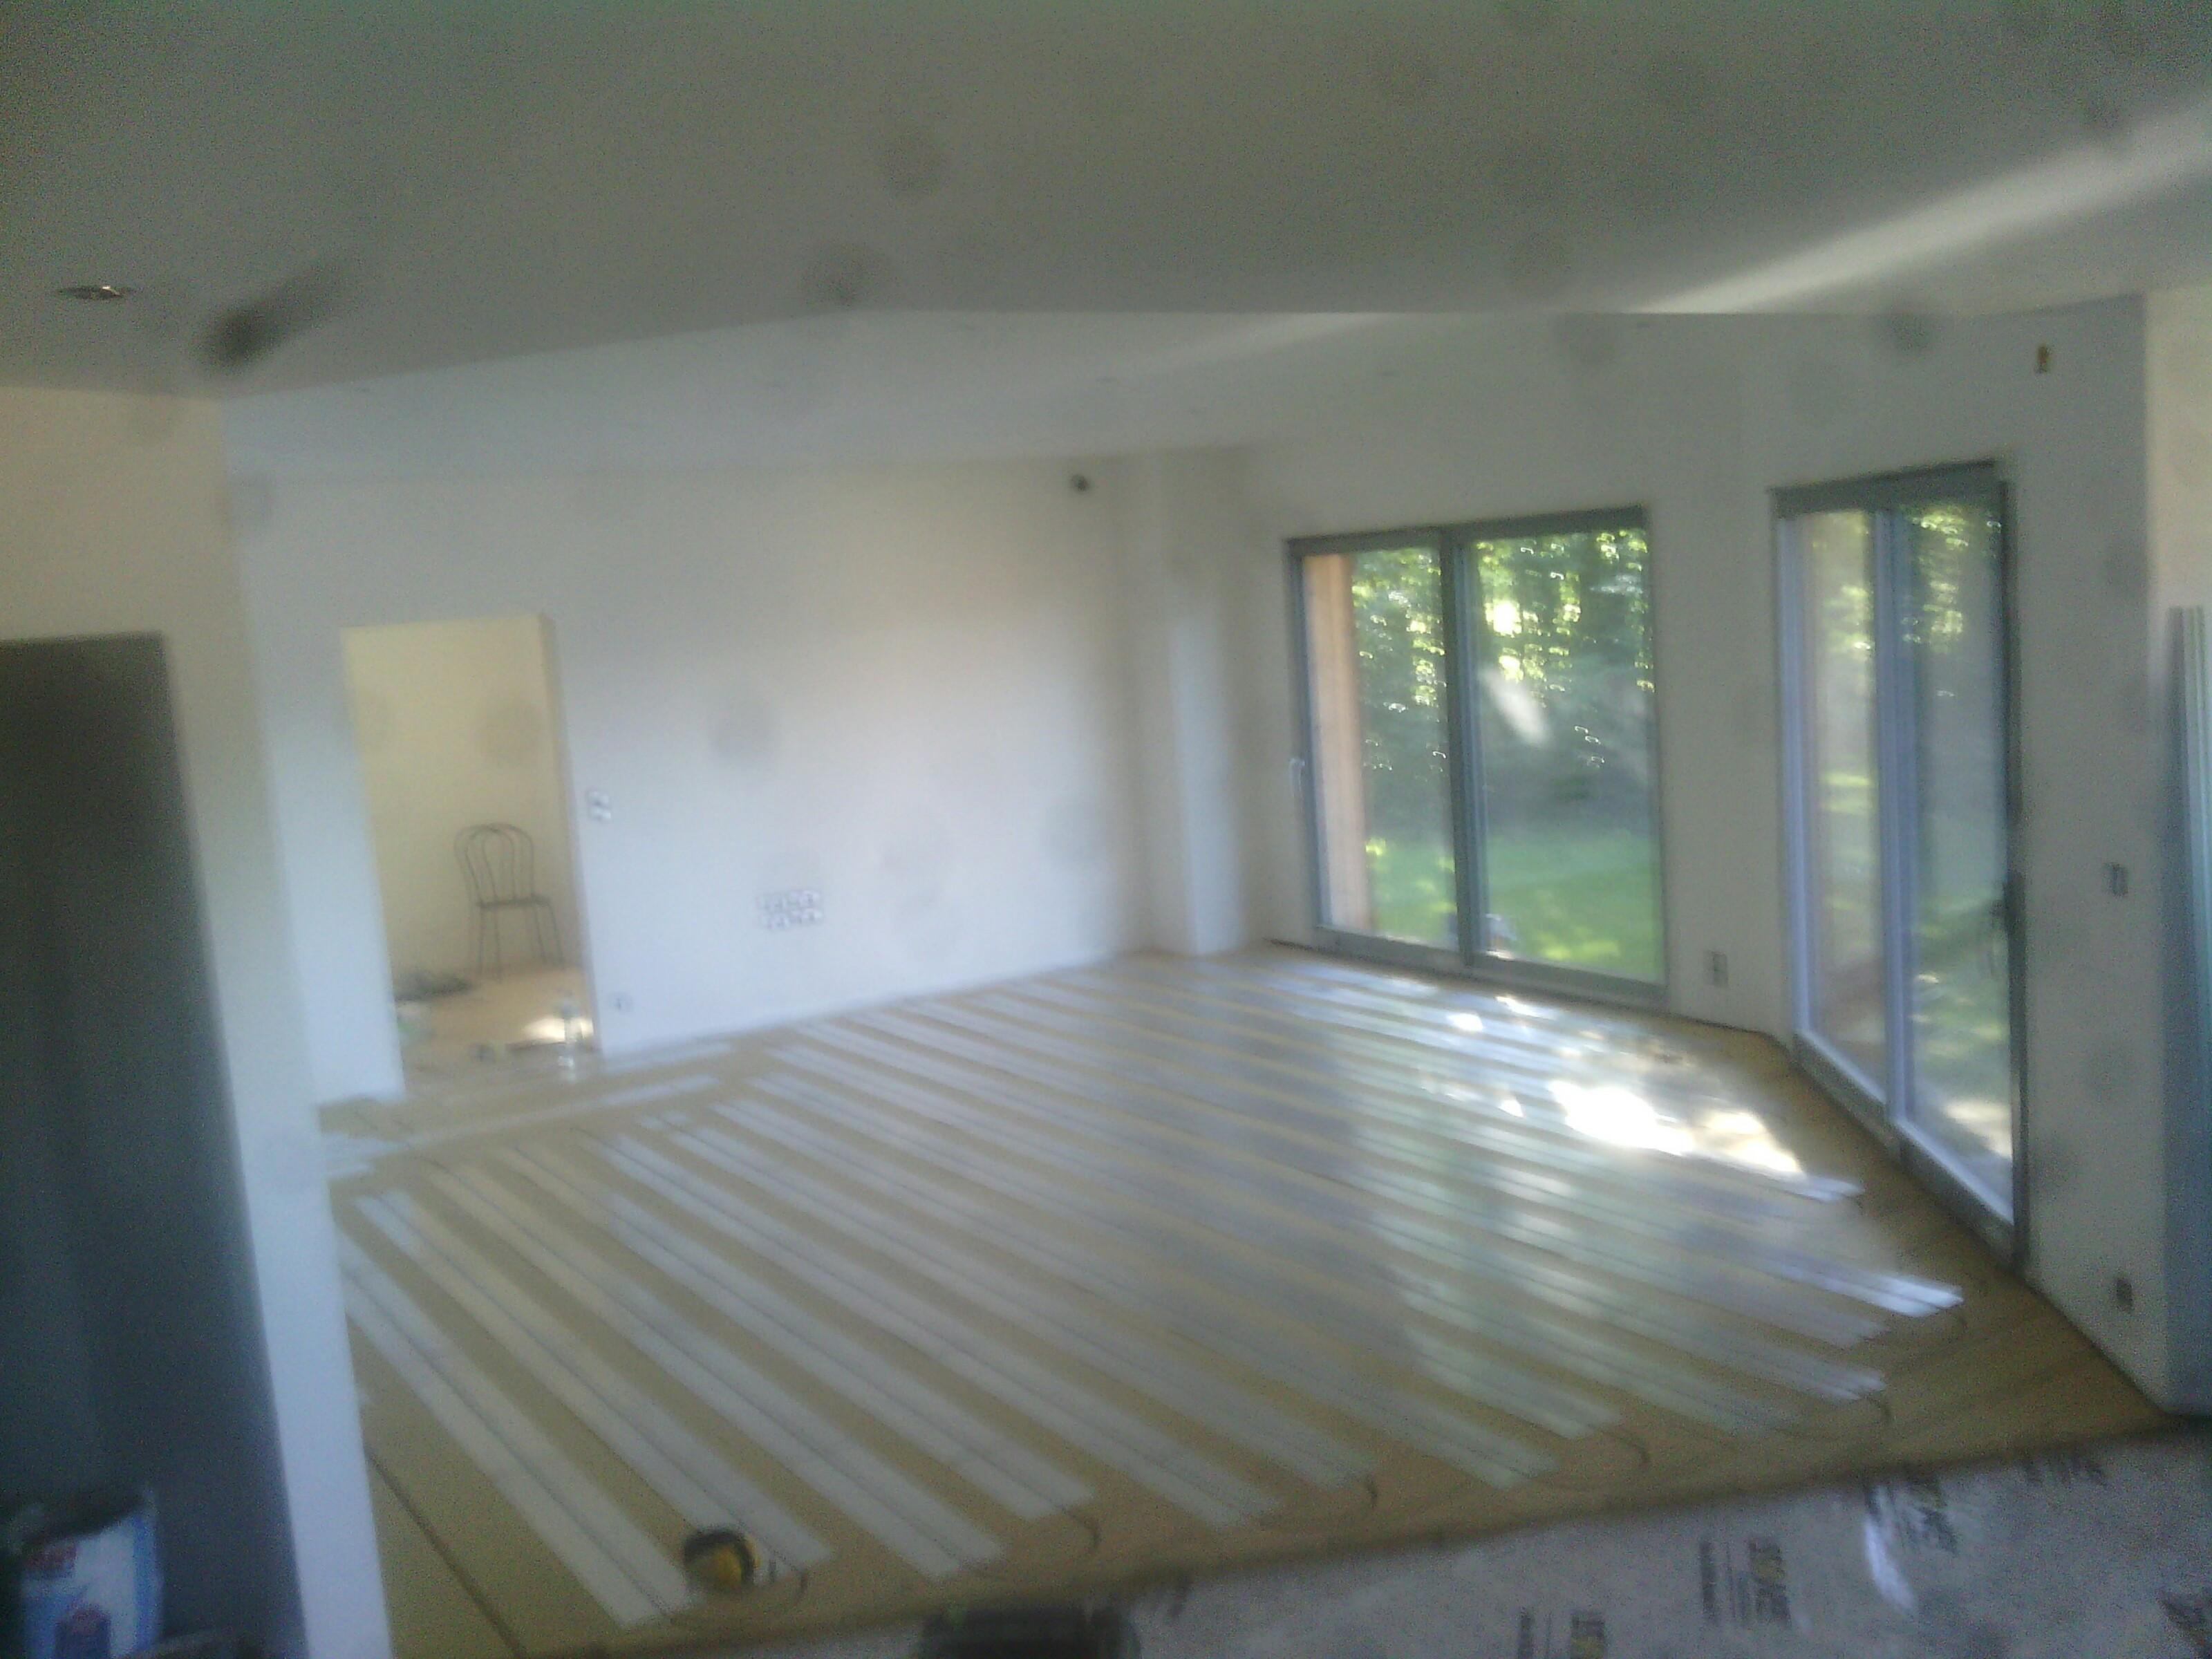 Pose de carrelage sur plancher chauffant le plancher chauffant par caleosol for Plancher chauffant renovation carrelage